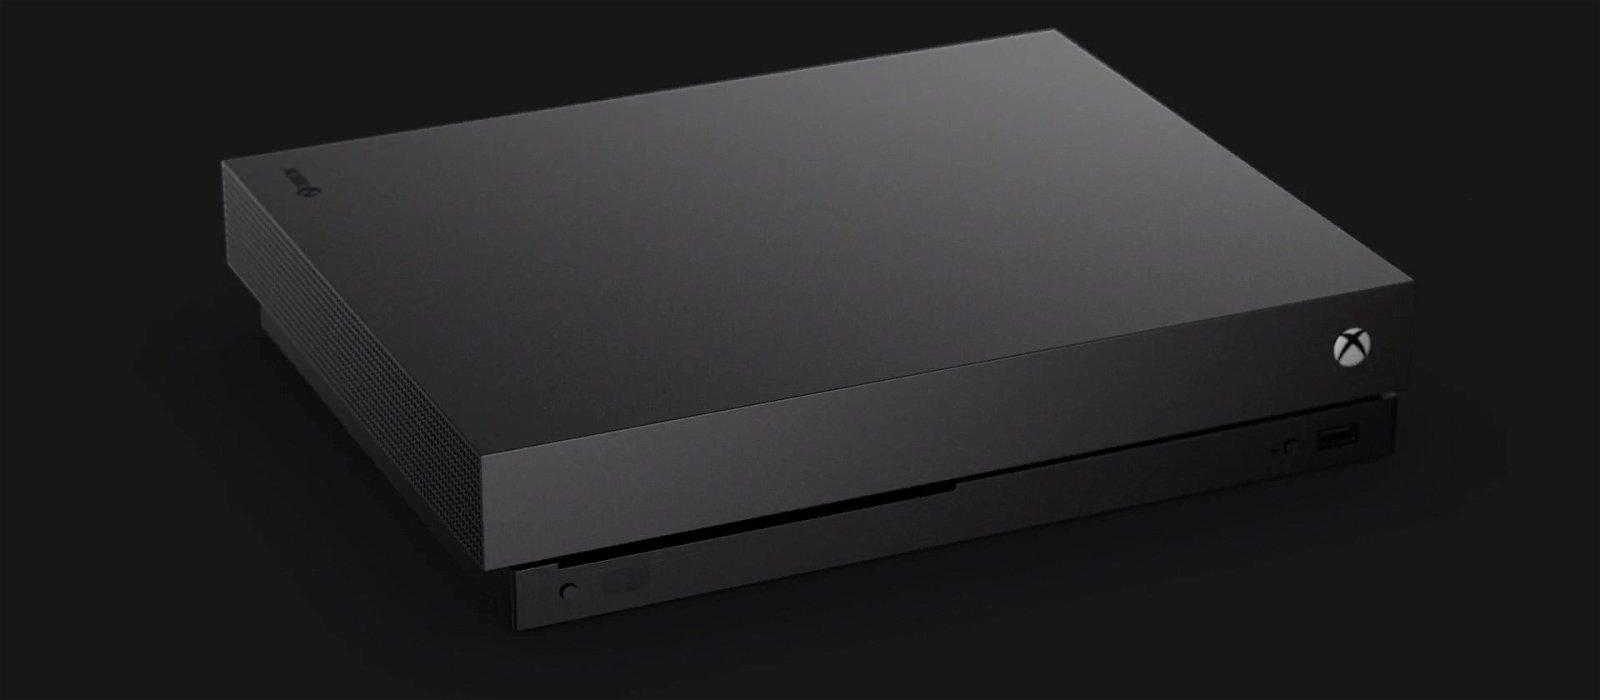 Microsoft Announces New Console 4